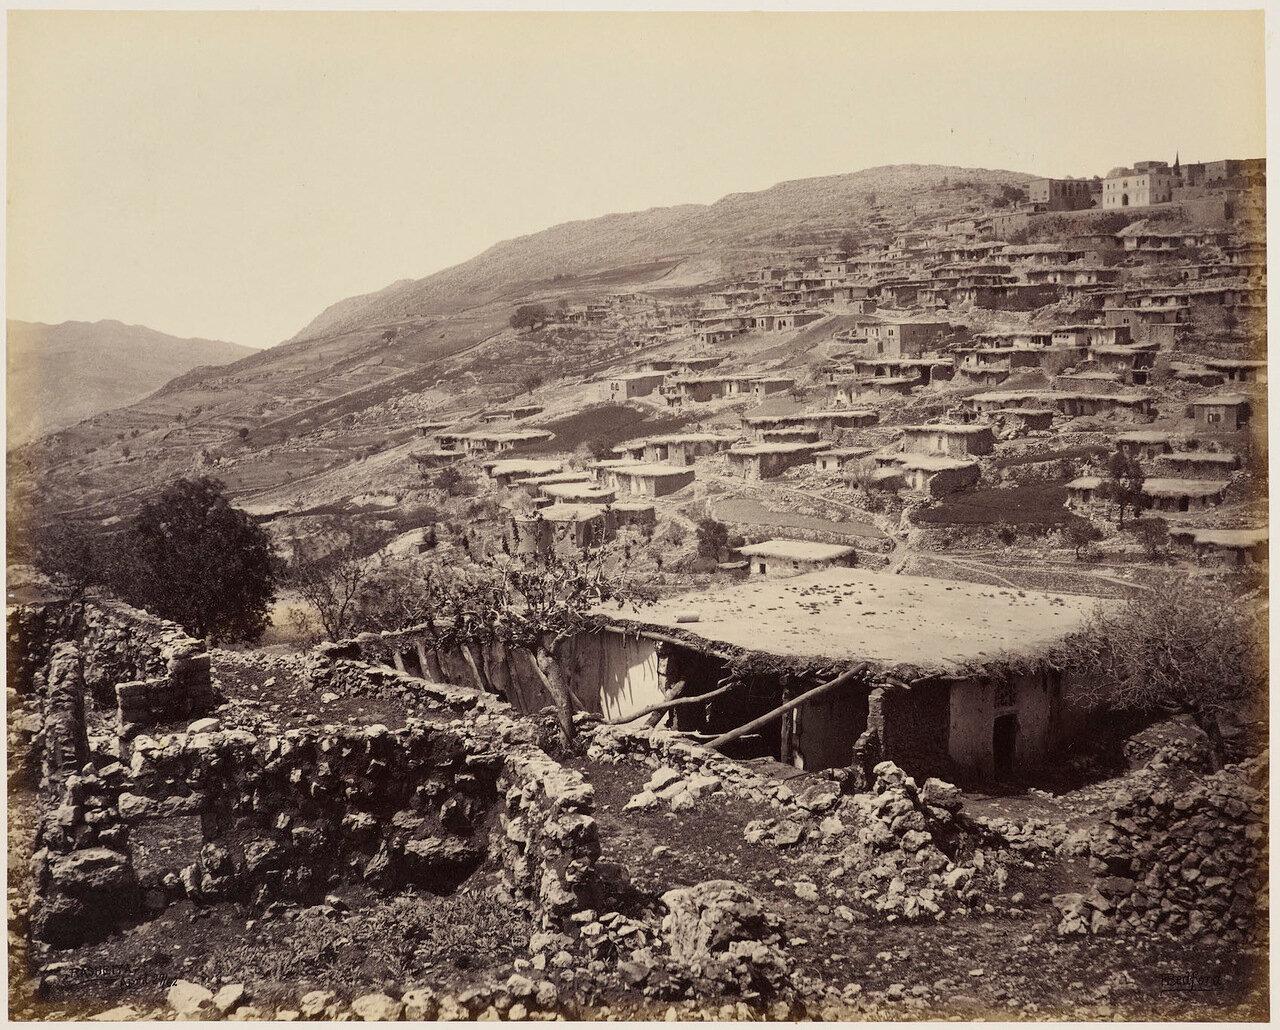 27 апреля 1862. Рашайя. Ливан